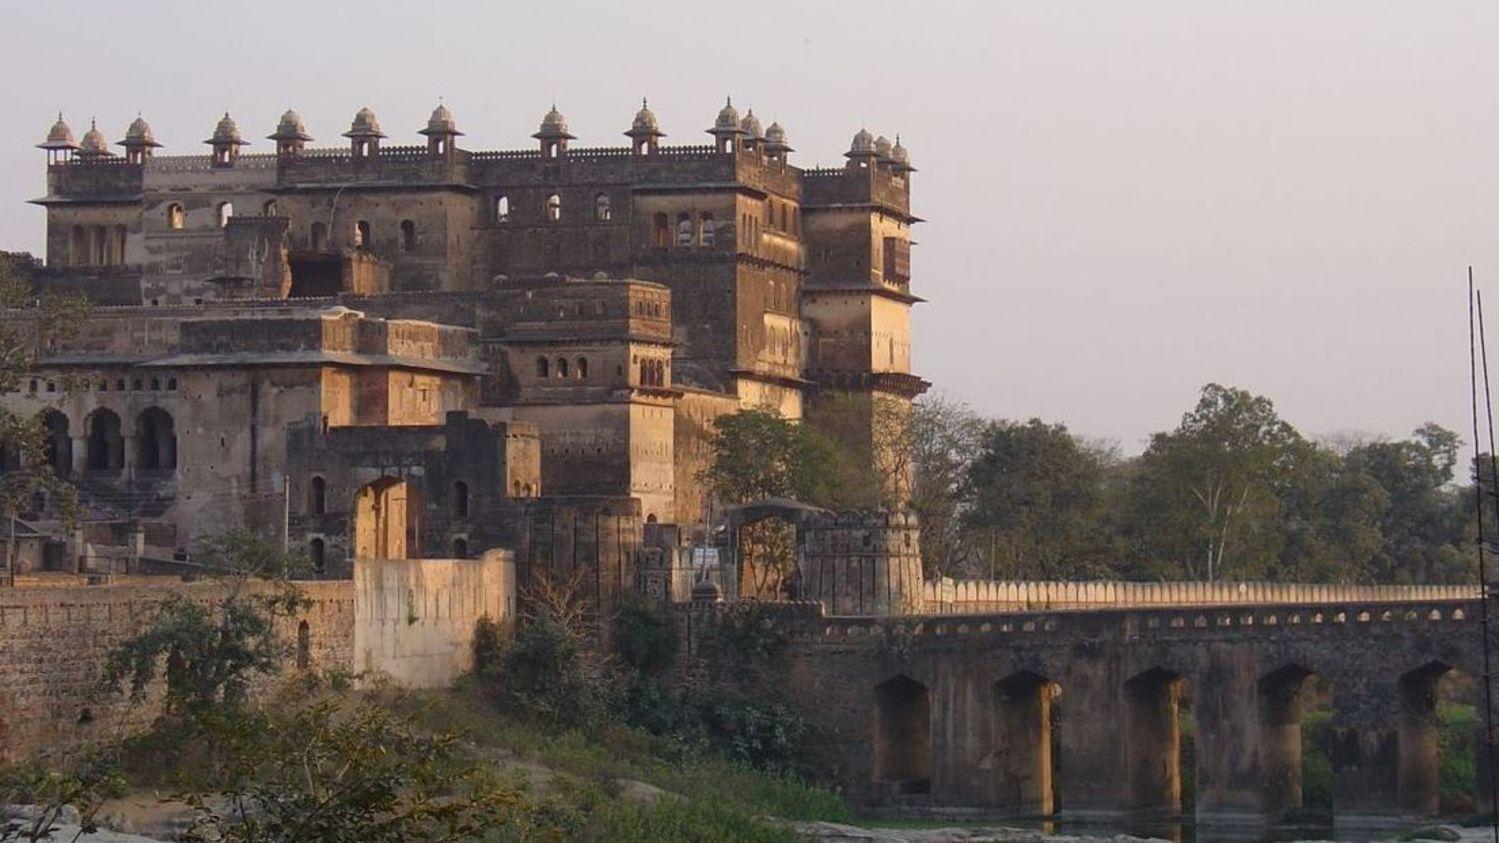 Orchha Fort Jhansi near nataraj sarovar portico, hotel near jhansi railway station